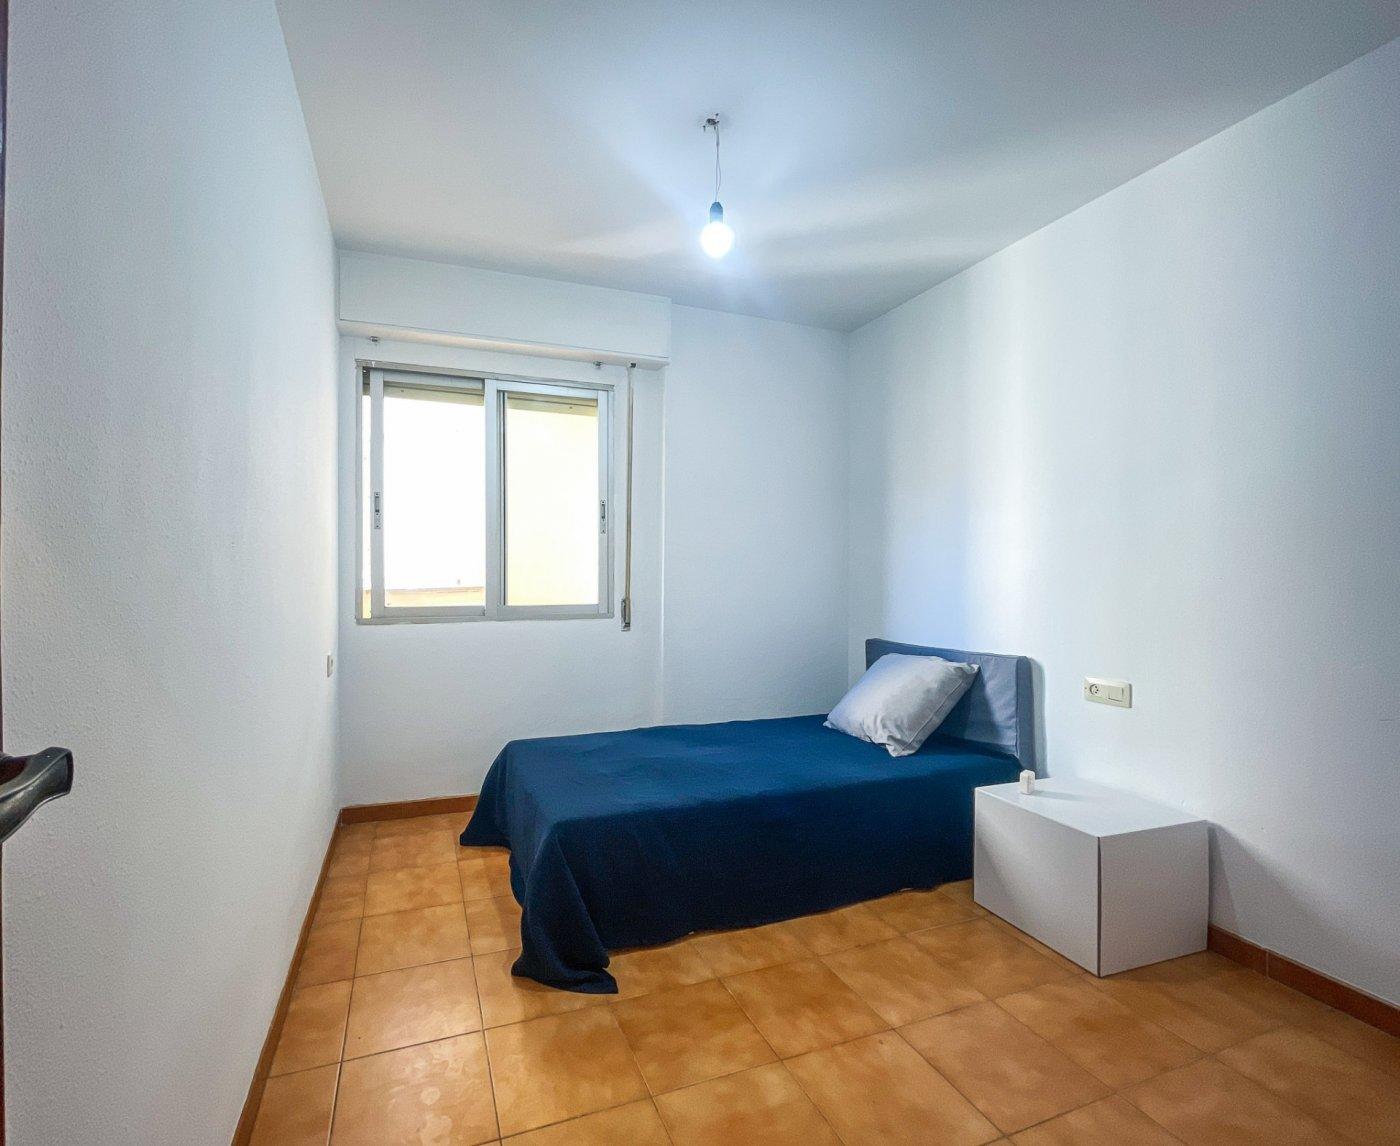 Estupendo piso muy soleado en plena avenida de la hispanidad de alcoy!! - imagenInmueble21